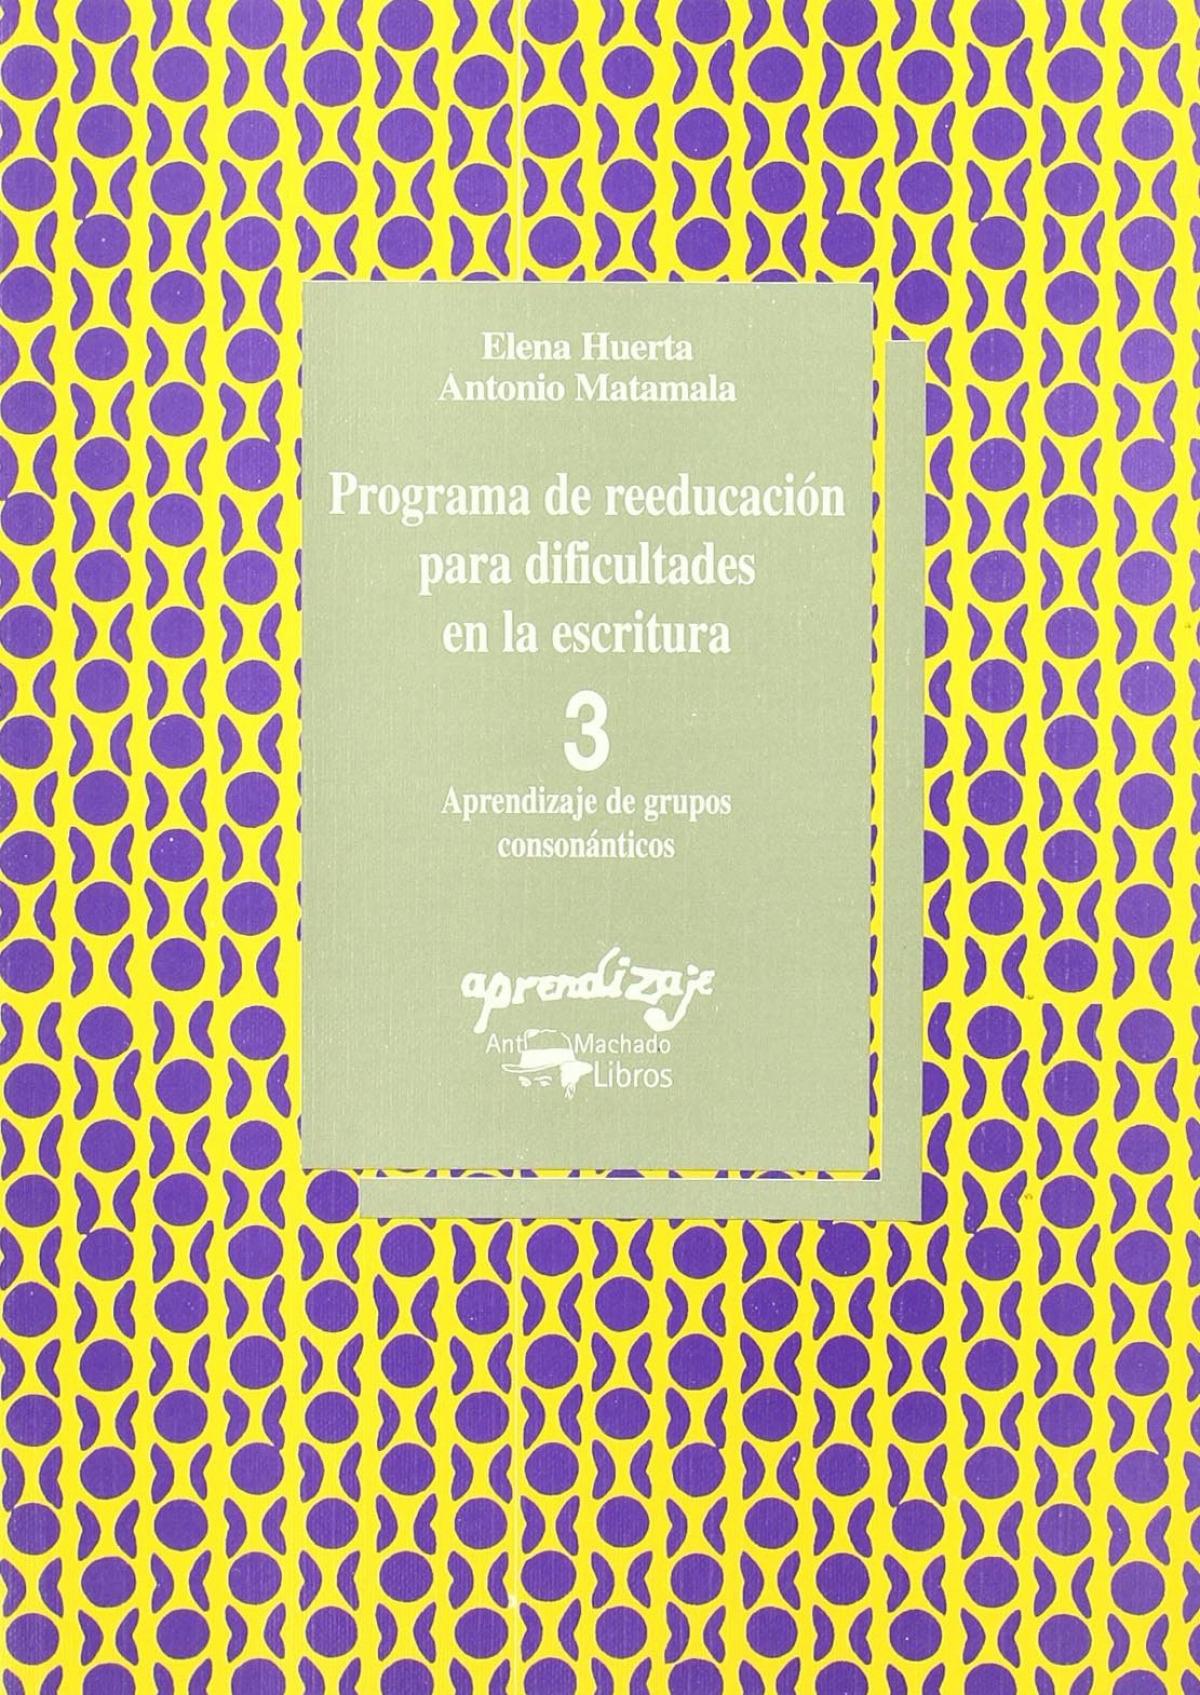 Programa de reeducación para dificultades en la escritura. Cuaderno 3. Aprendiza